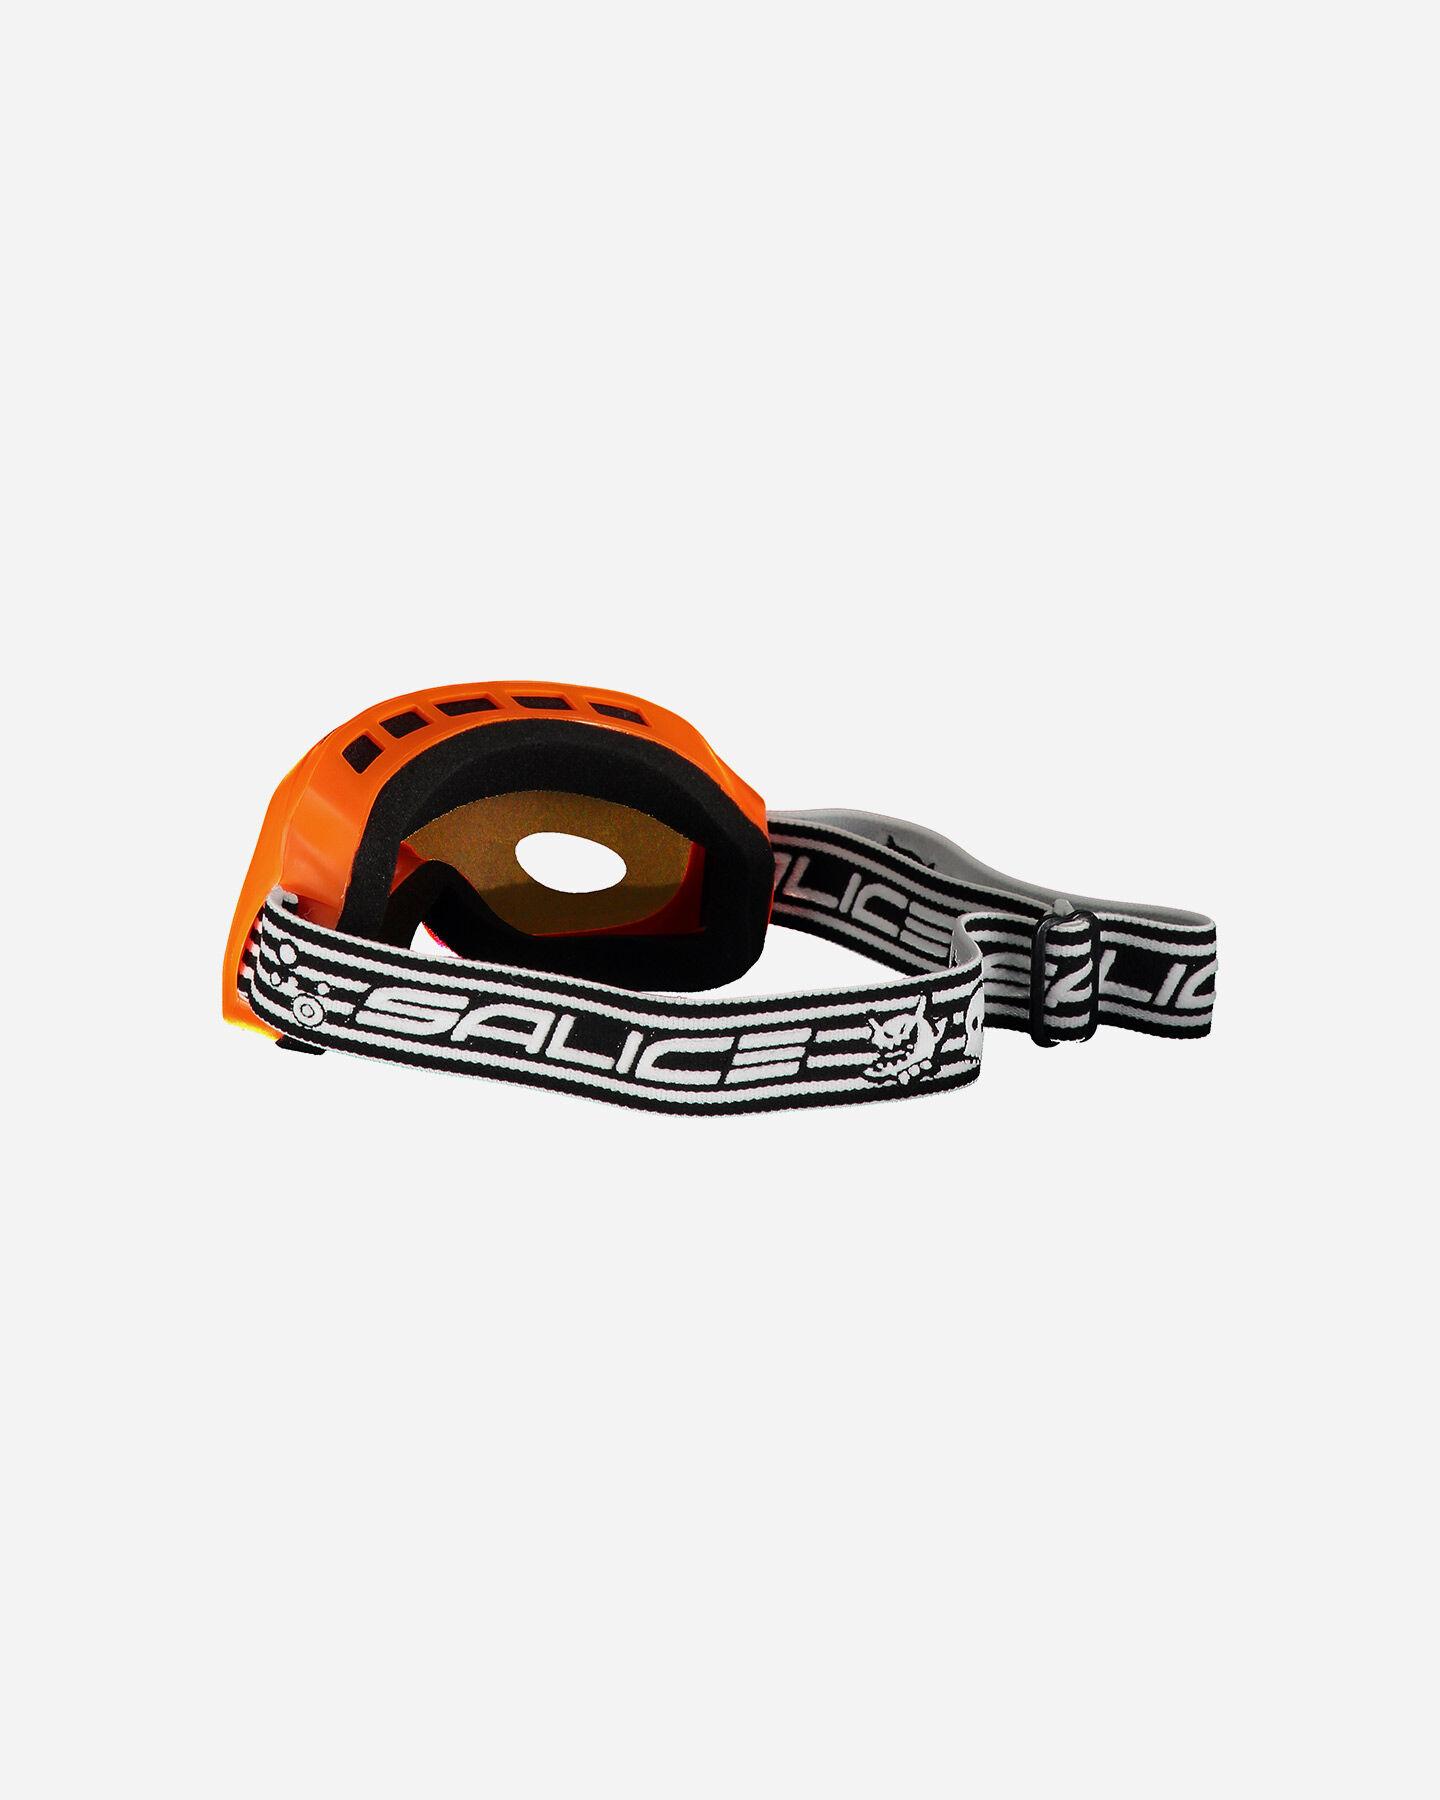 Maschera sci SALICE 983ACRXO JR S1276951|1|UNI scatto 1